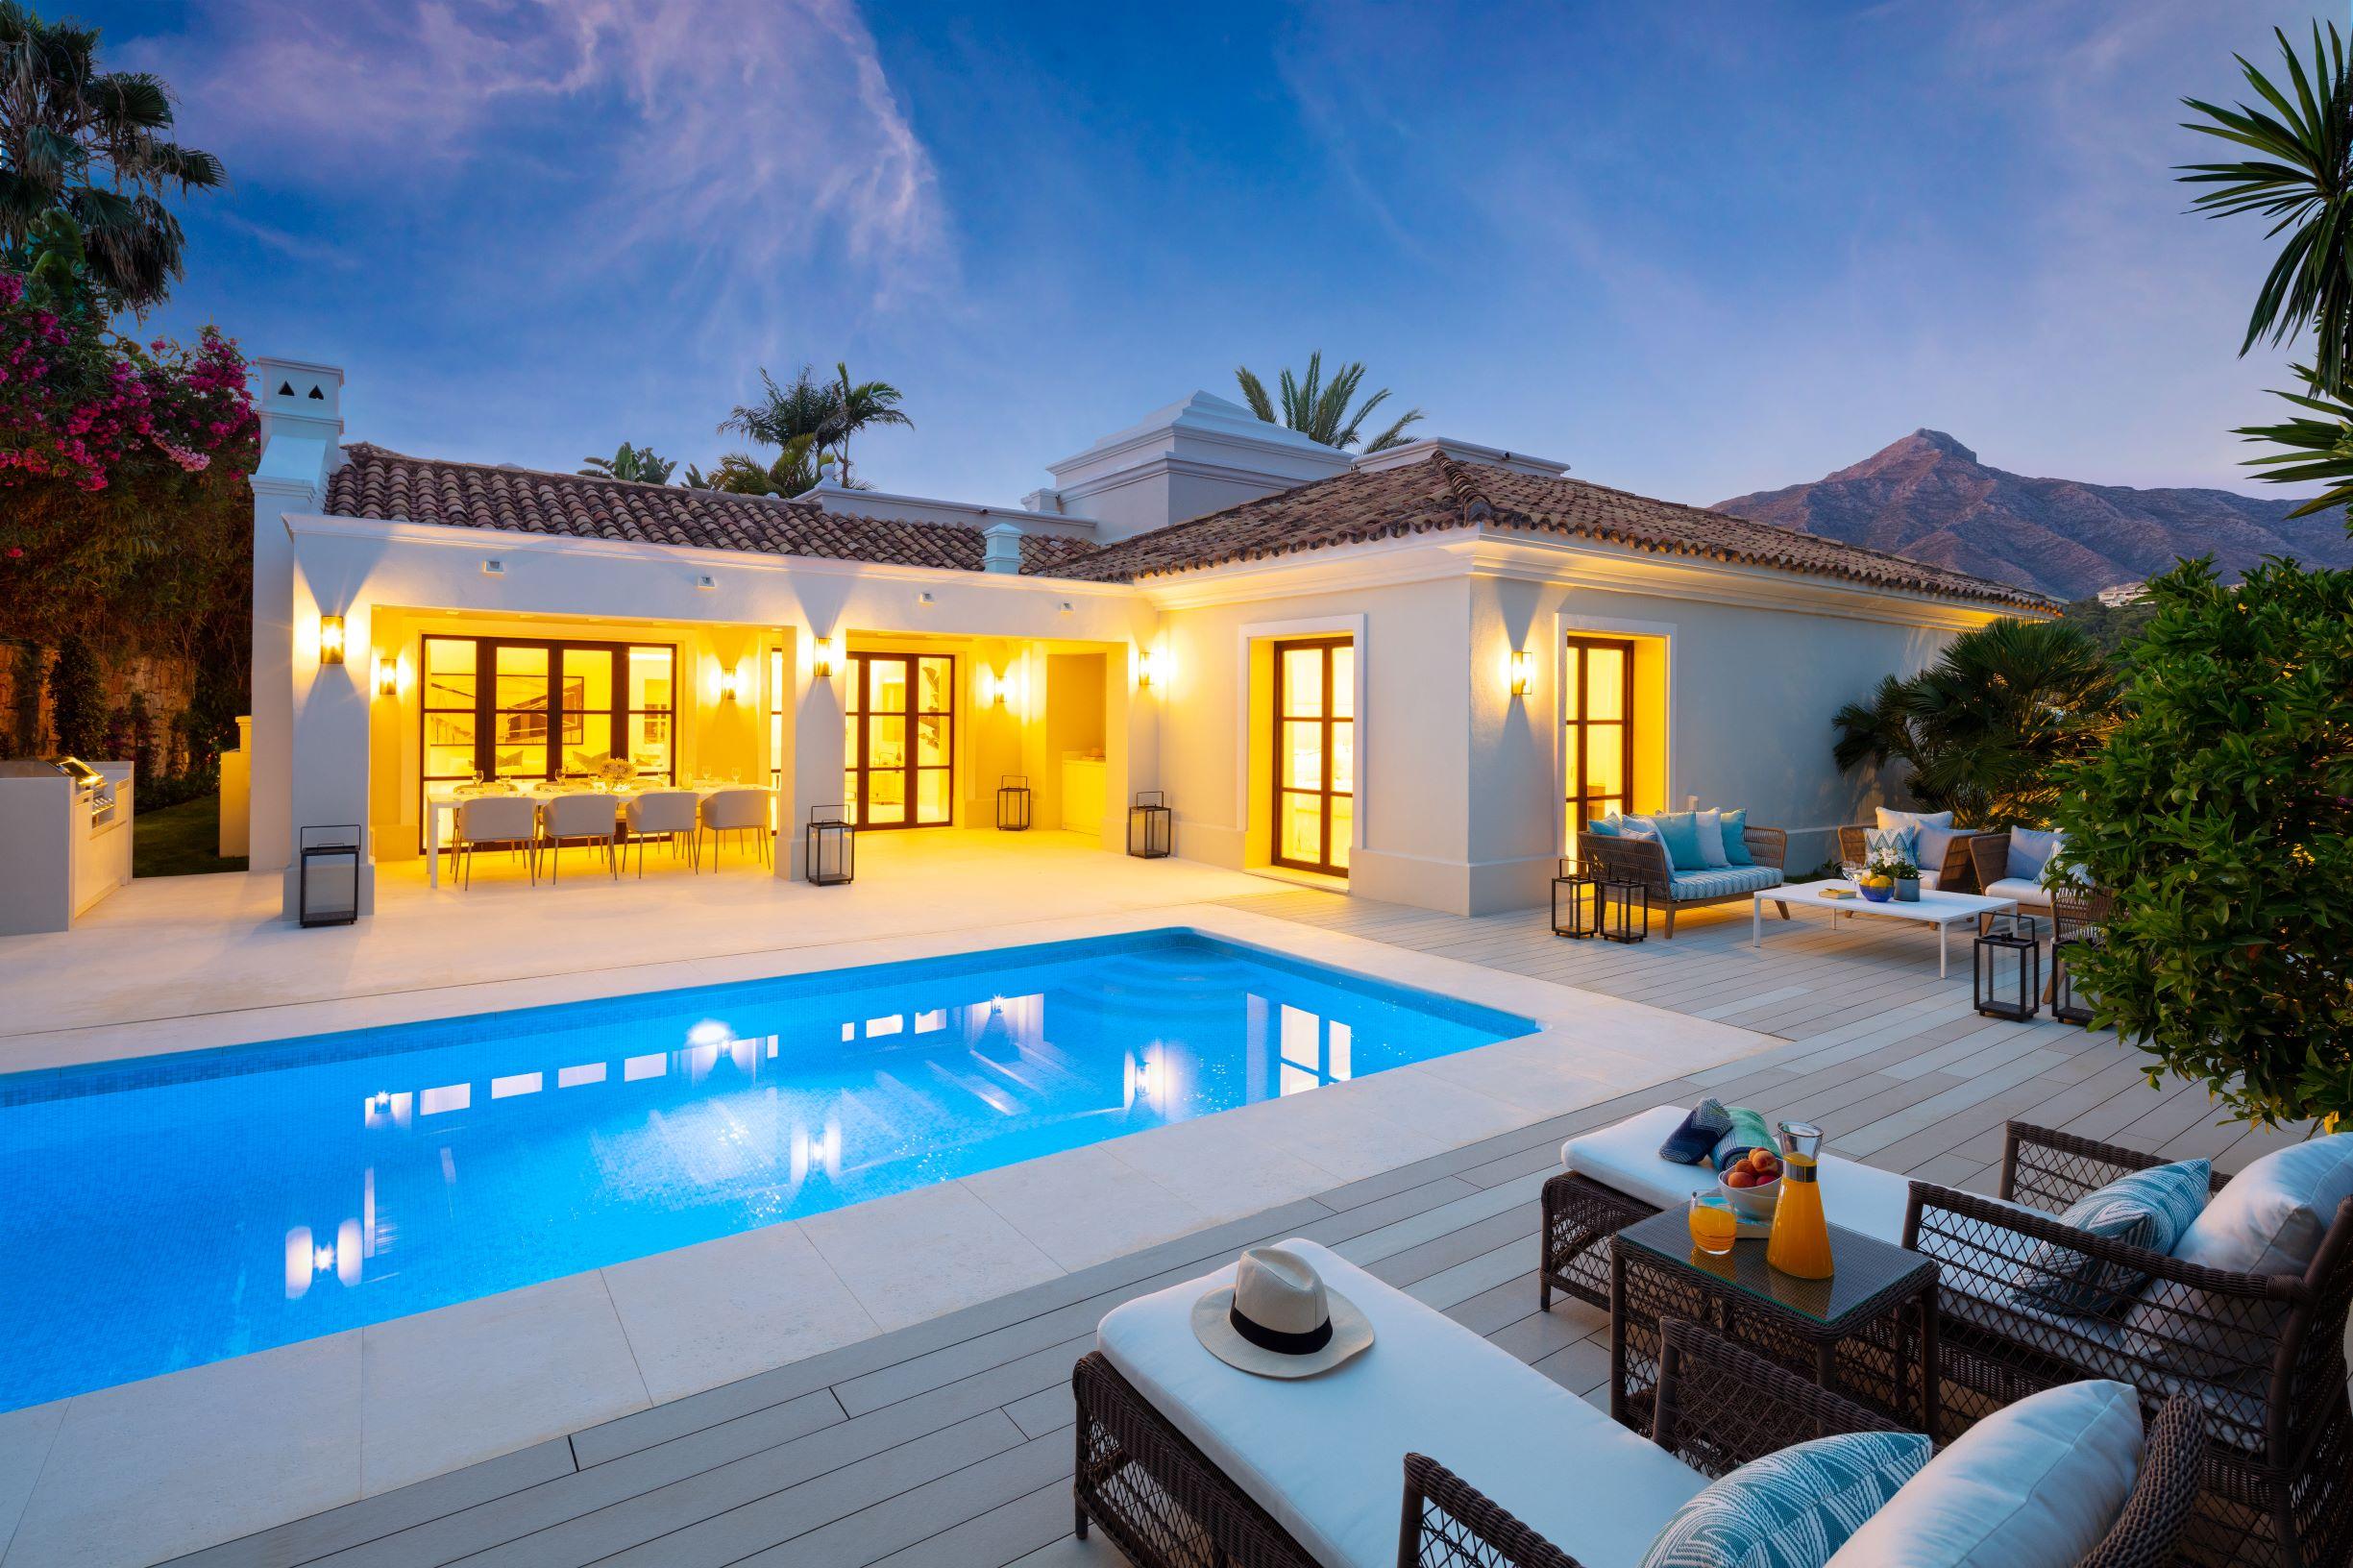 Las Brisas - Elegante villa en el corazón del Valle del Golf